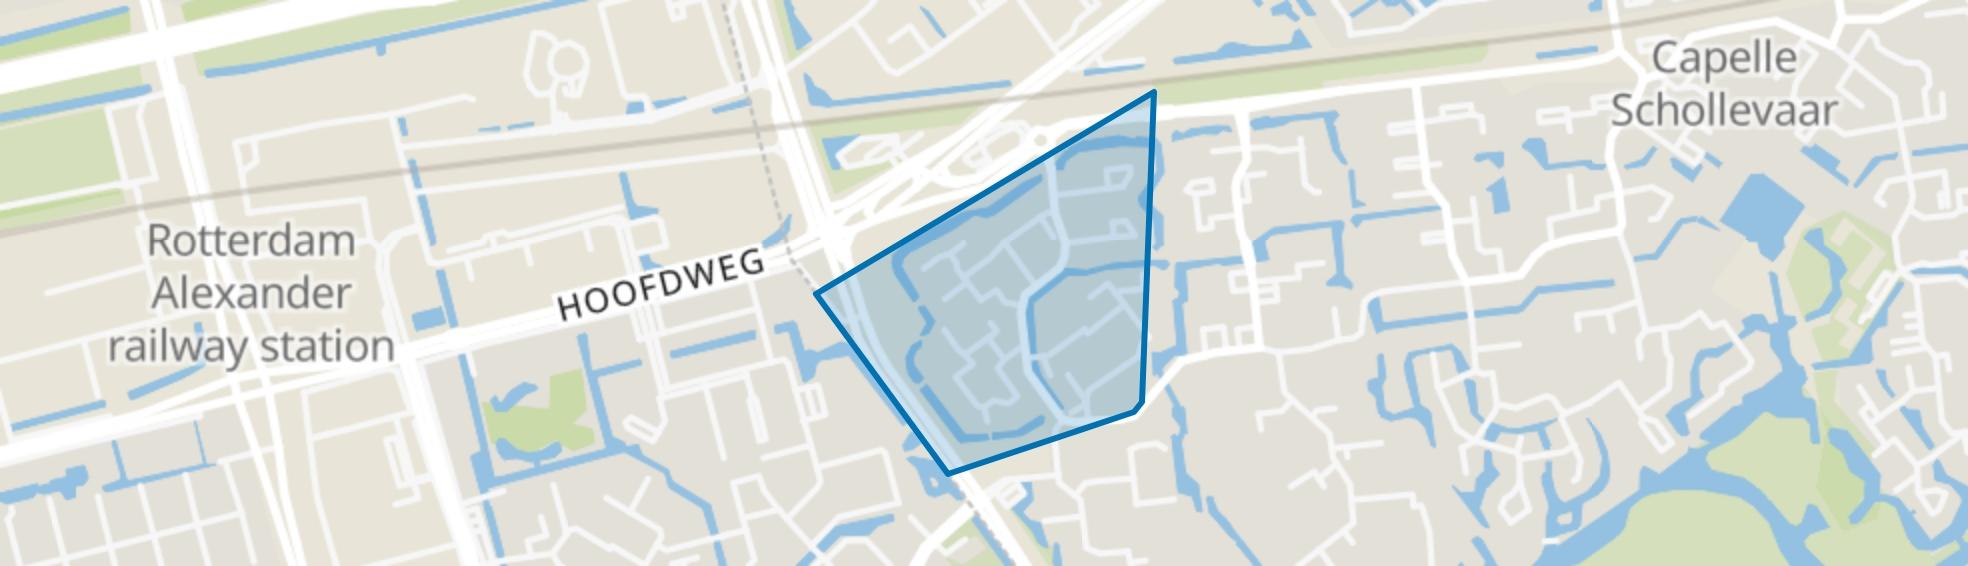 Dansenbuurt-noord, Capelle aan den IJssel map